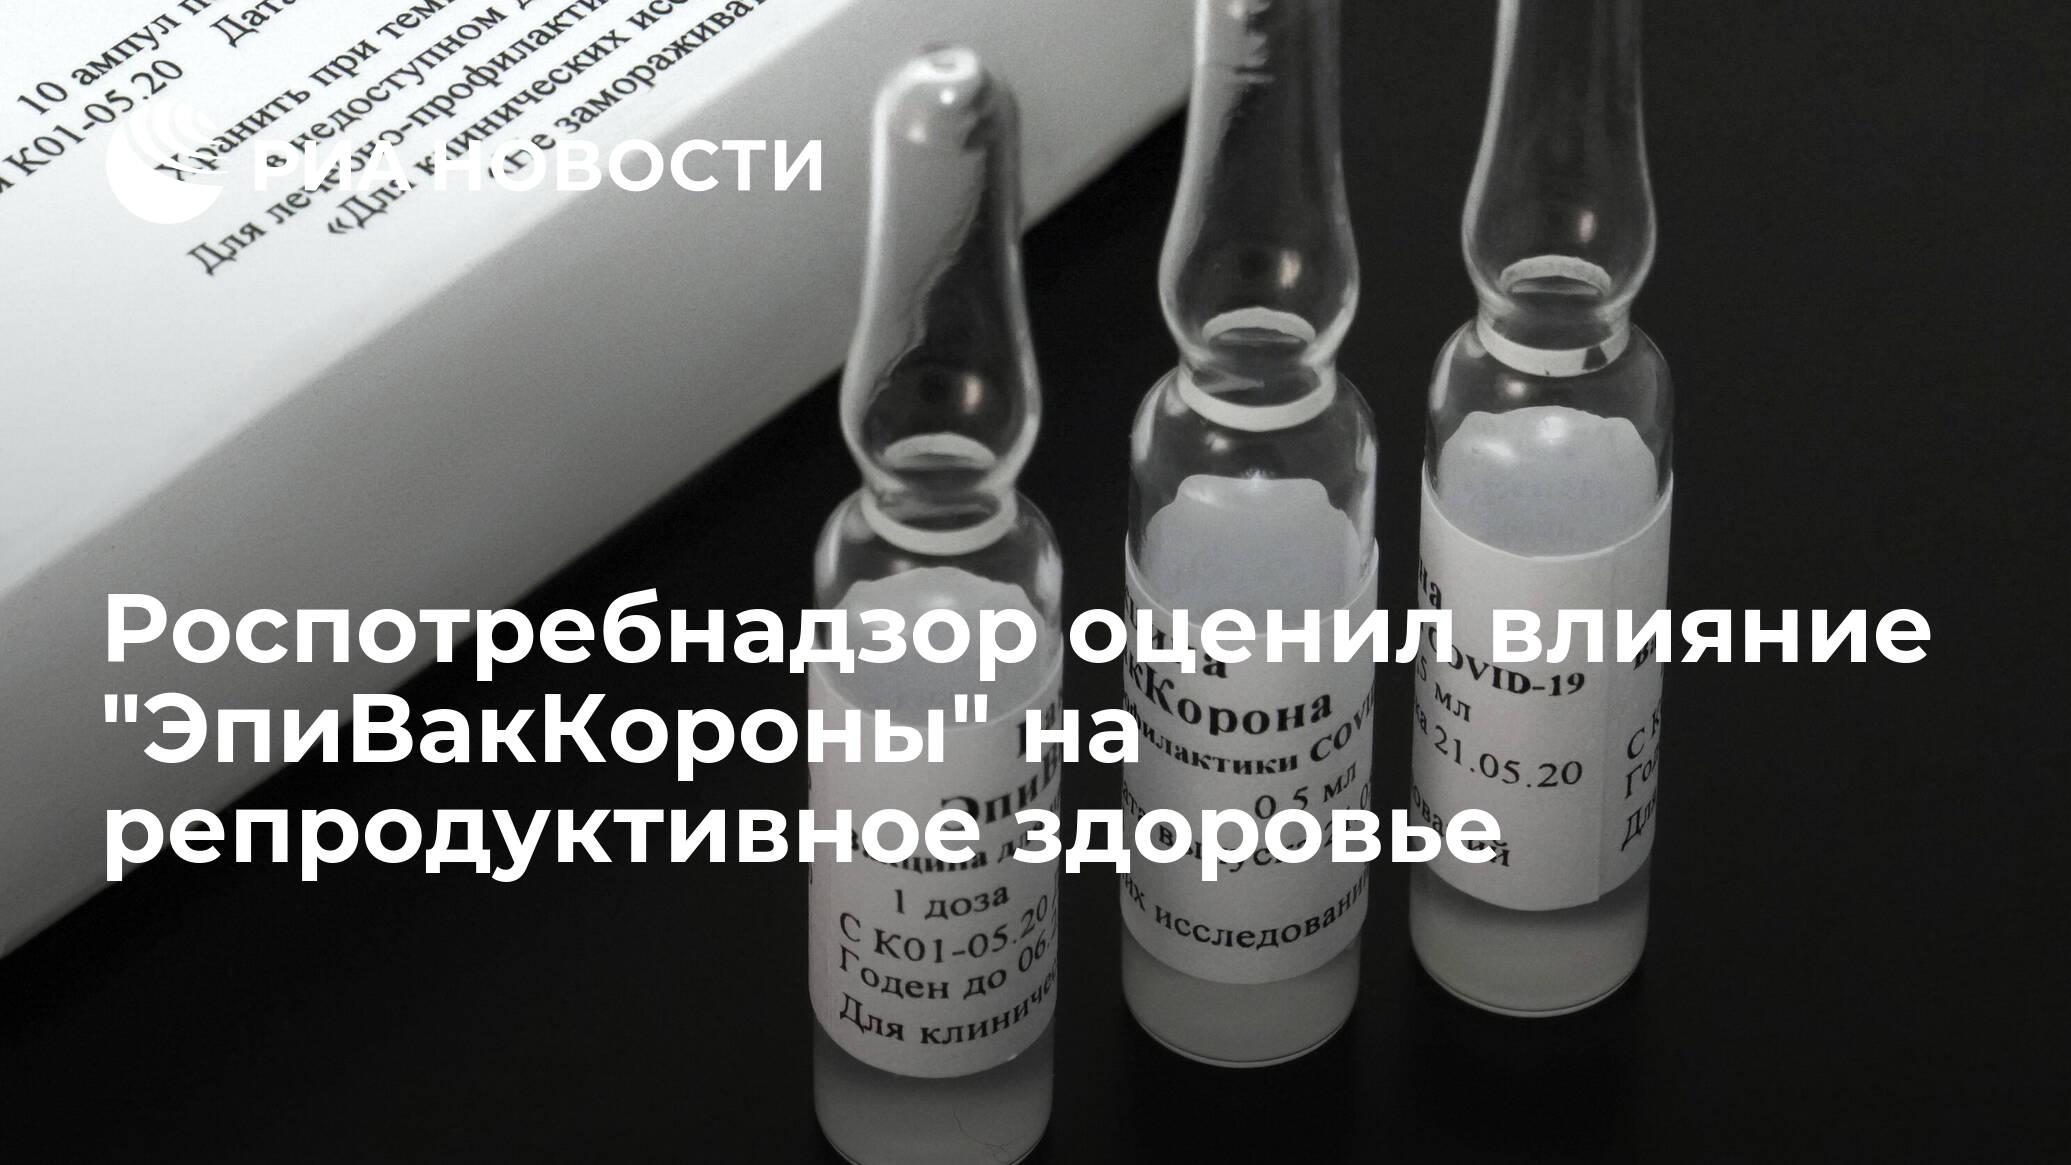 Роспотребнадзор оценил влияние 'ЭпиВакКороны' на репродуктивное здоровье - РИА НОВОСТИ